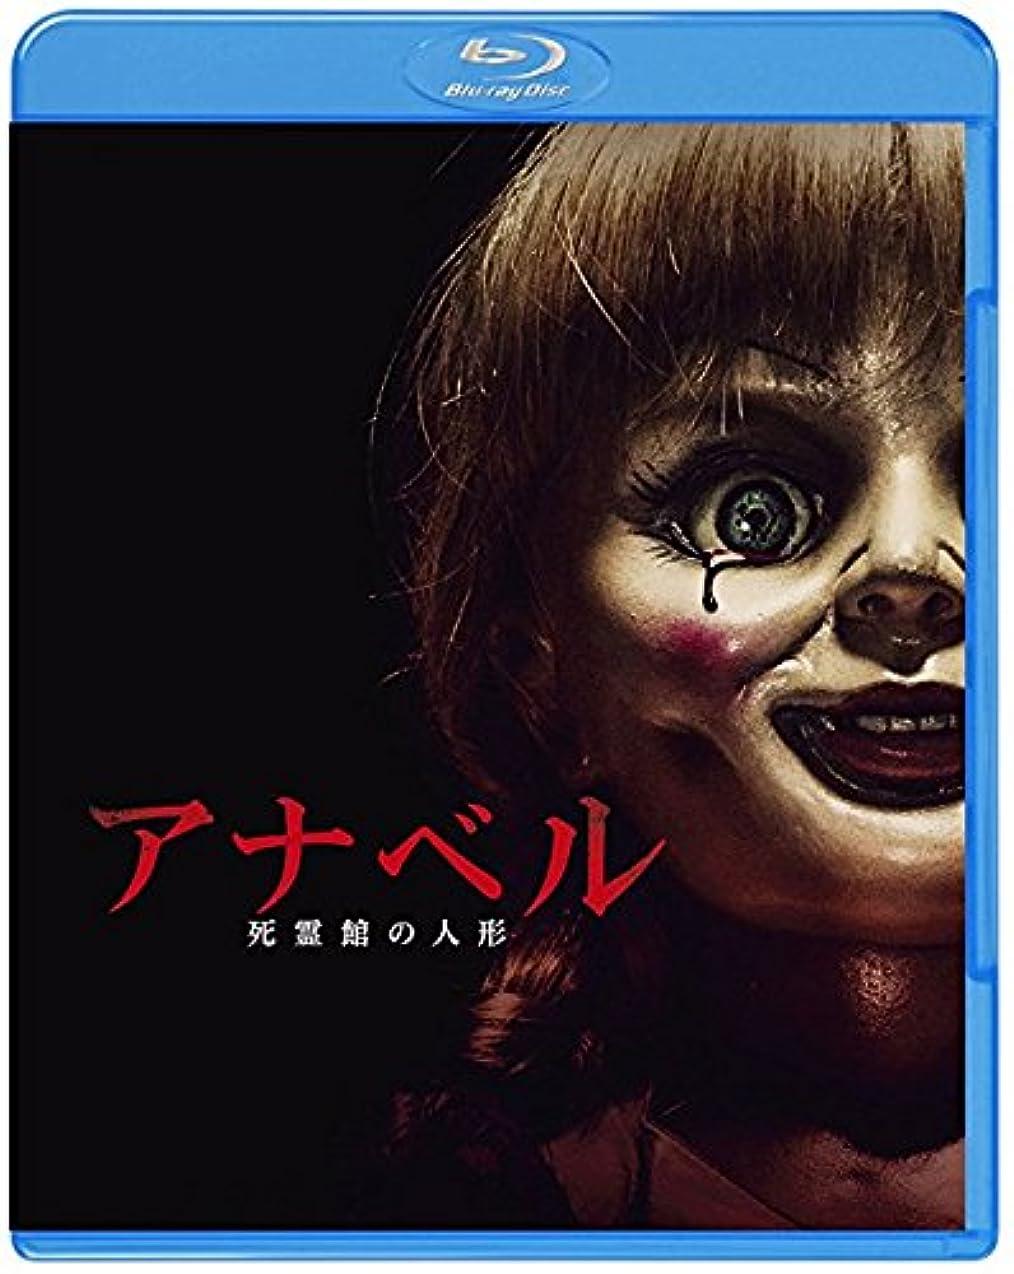 申請者スキャン勇敢なアナベル 死霊館の人形 [WB COLLECTION][AmazonDVDコレクション] [Blu-ray]